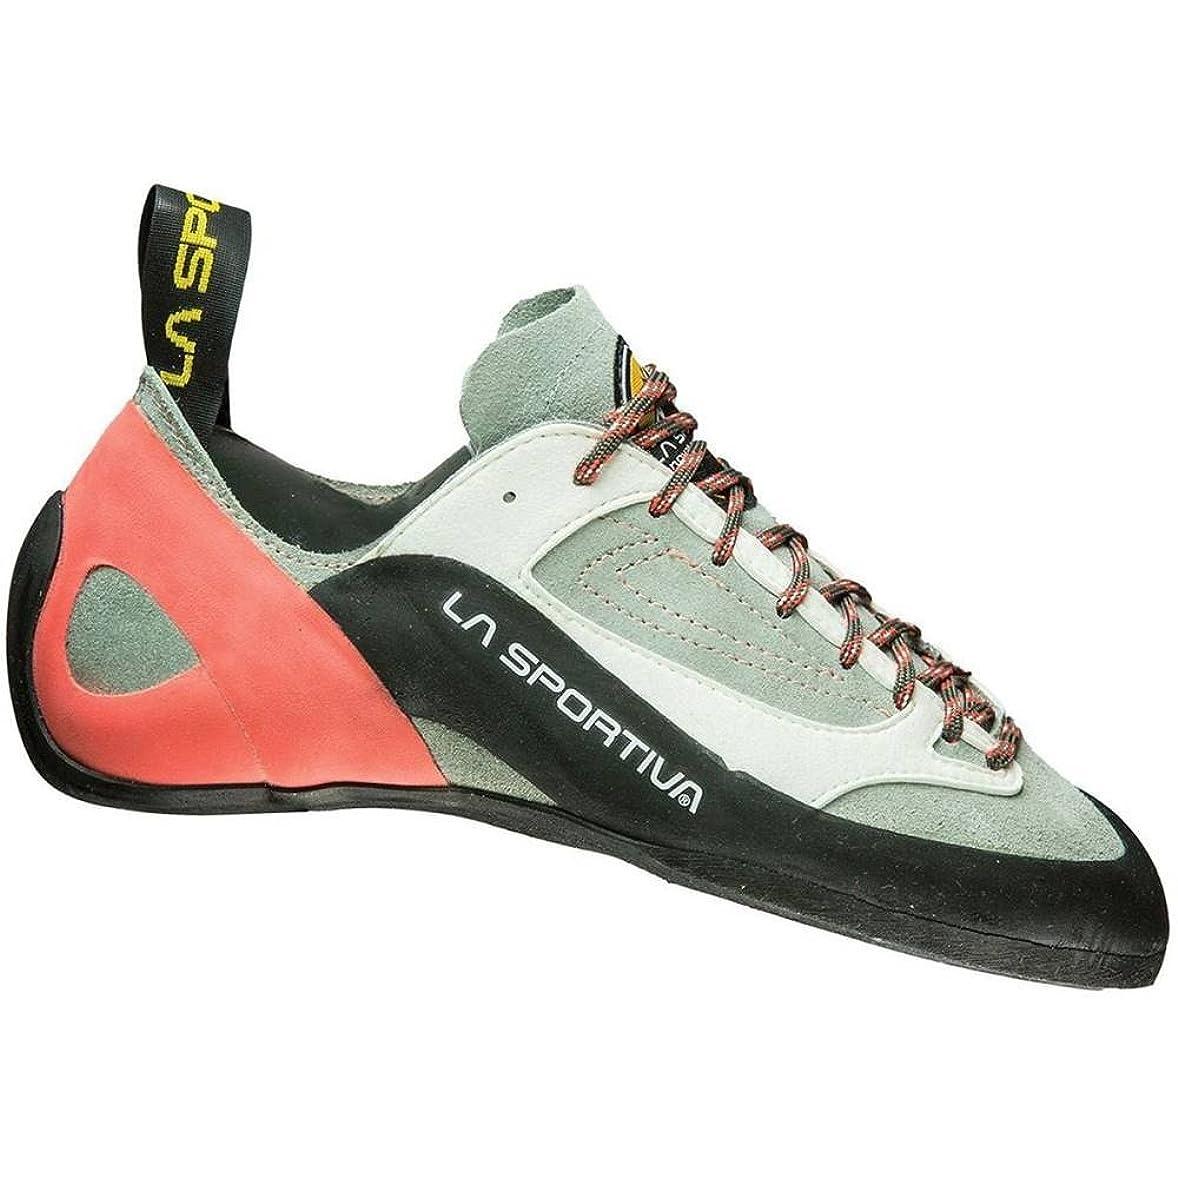 刃尊敬するグレー(ラスポルティバ) La Sportiva レディース クライミング シューズ?靴 Finale Climbing Shoe [並行輸入品]